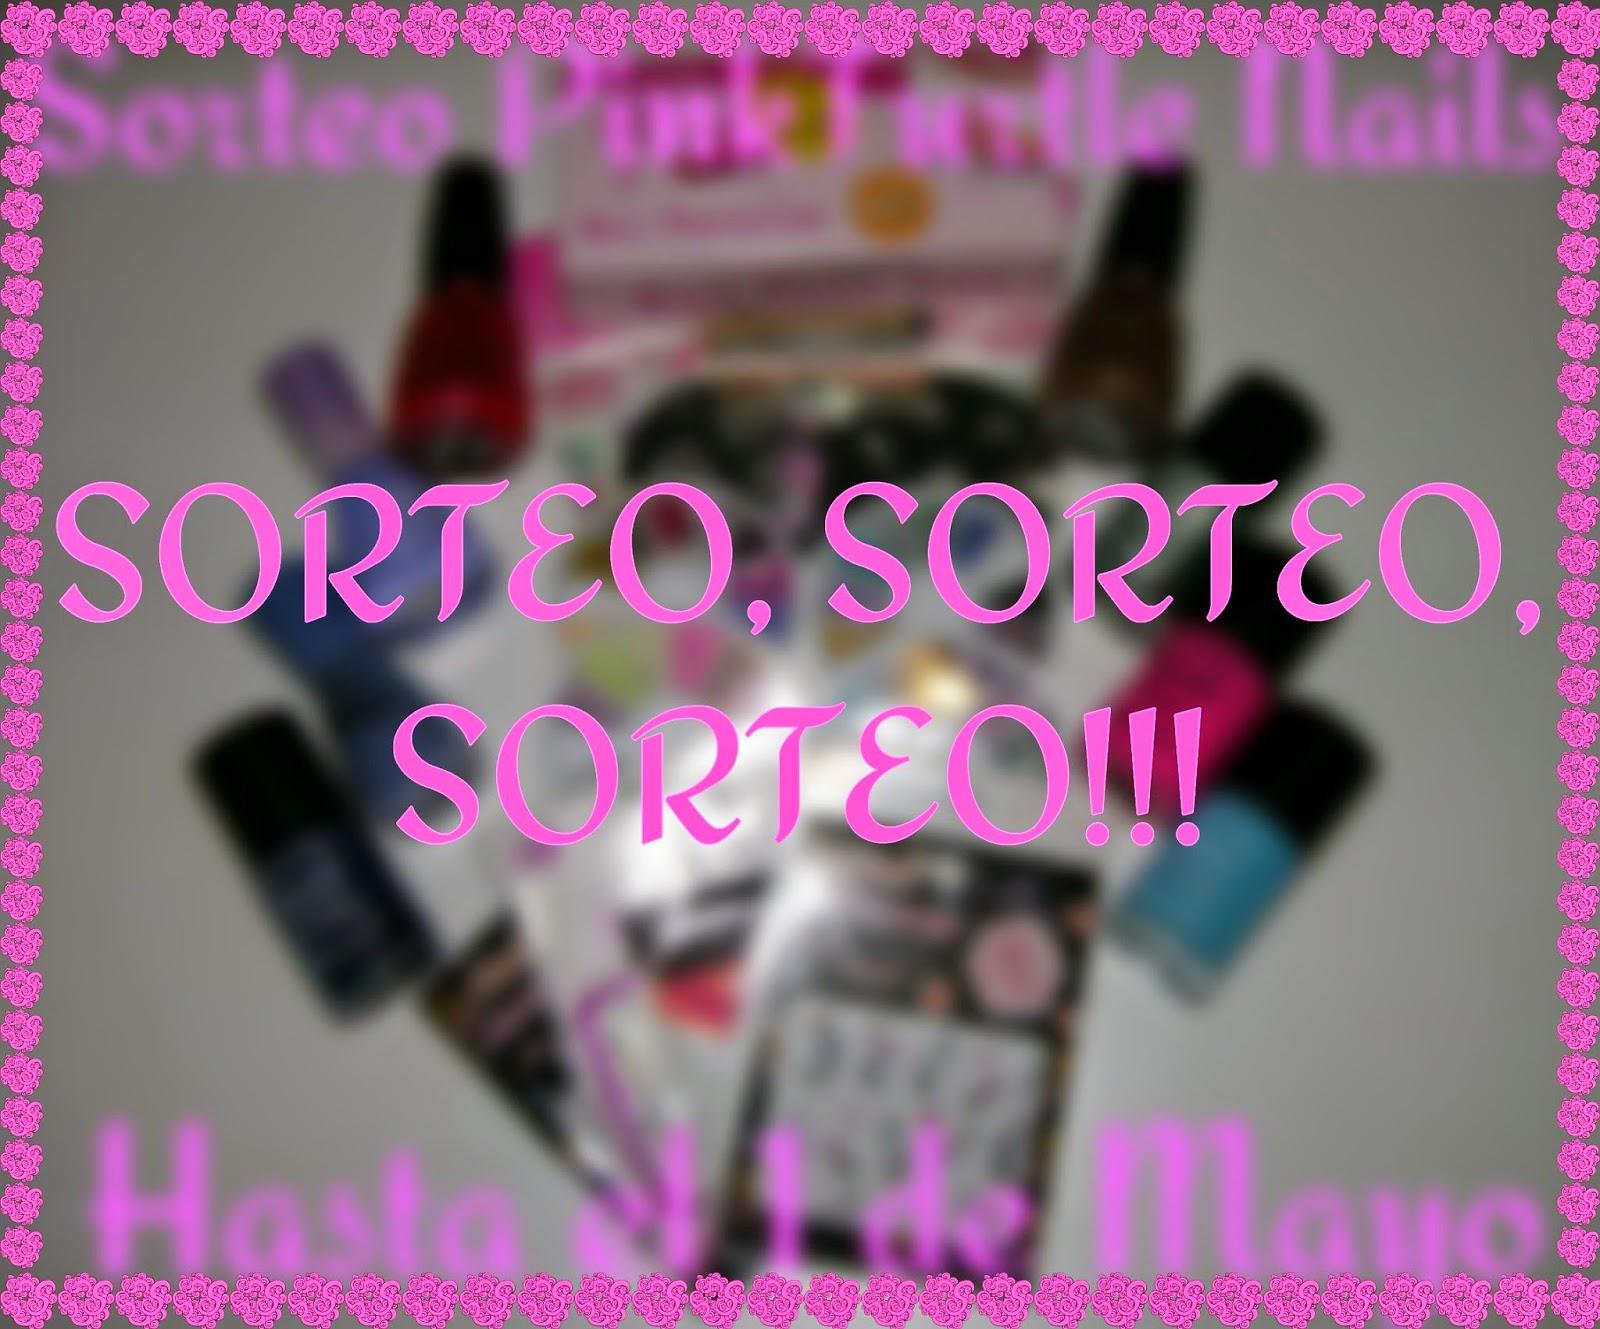 http://pinkturtlenails.blogspot.com.es/2015/02/sorteo-sorteo-sorteo.html